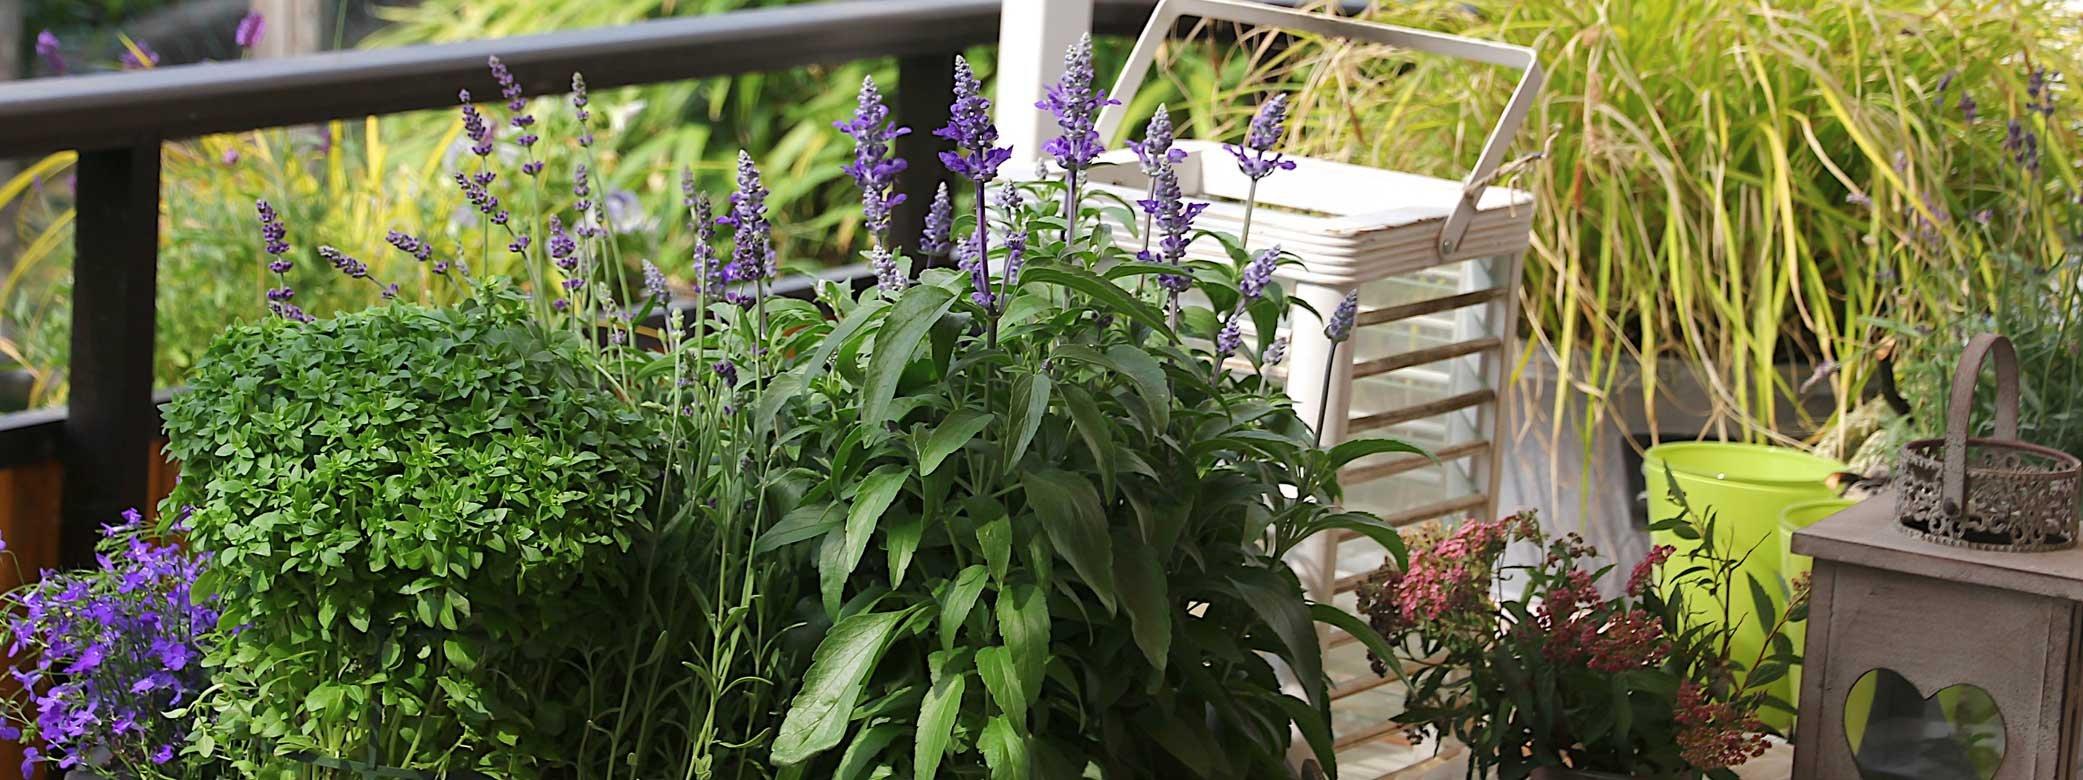 I controlli da fare alle piante protette - Cose di Casa